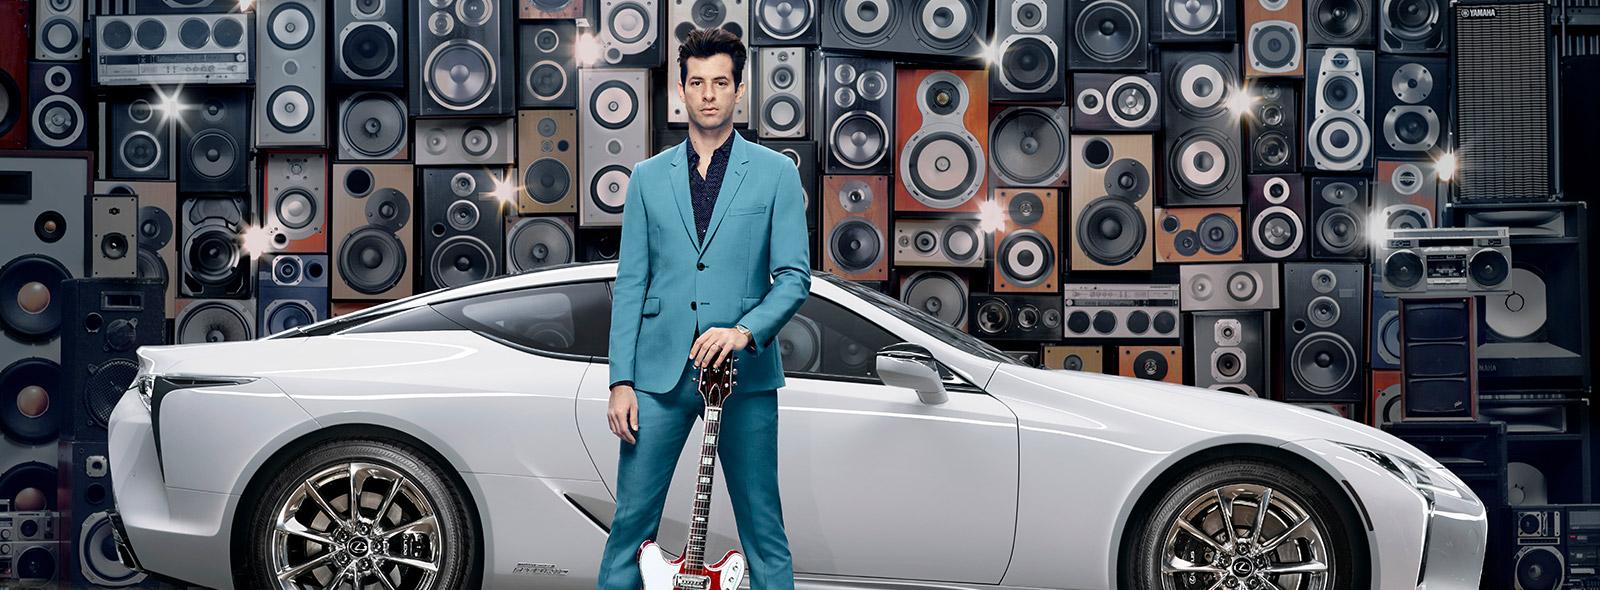 Mark Ronson in abito blu in posa con una chitarra e la nuova LC bianco perla davanti una parete di casse stereo